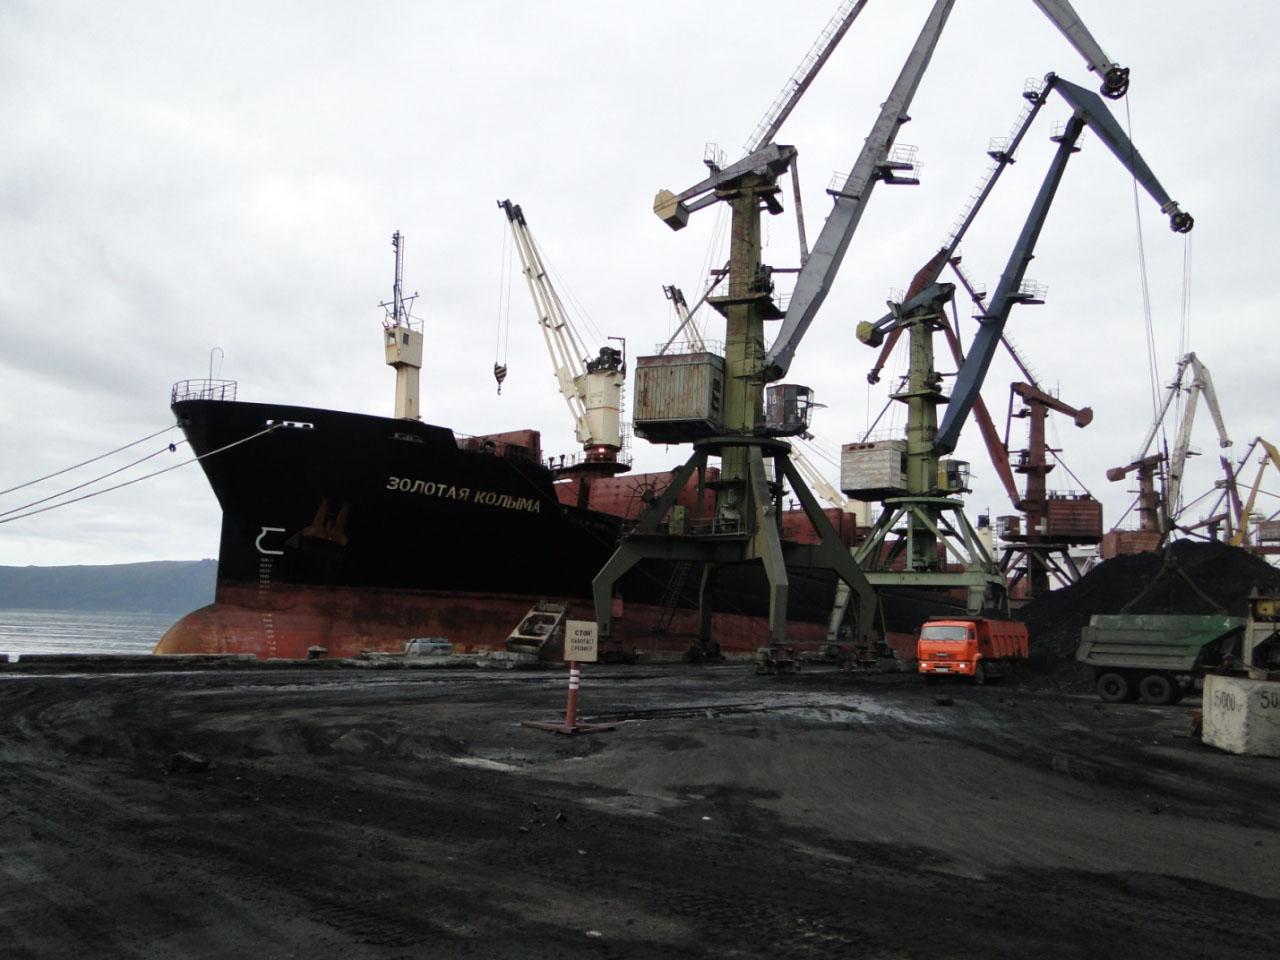 Разгрузка угля с  «Золотой Колымы» в порту Магадана